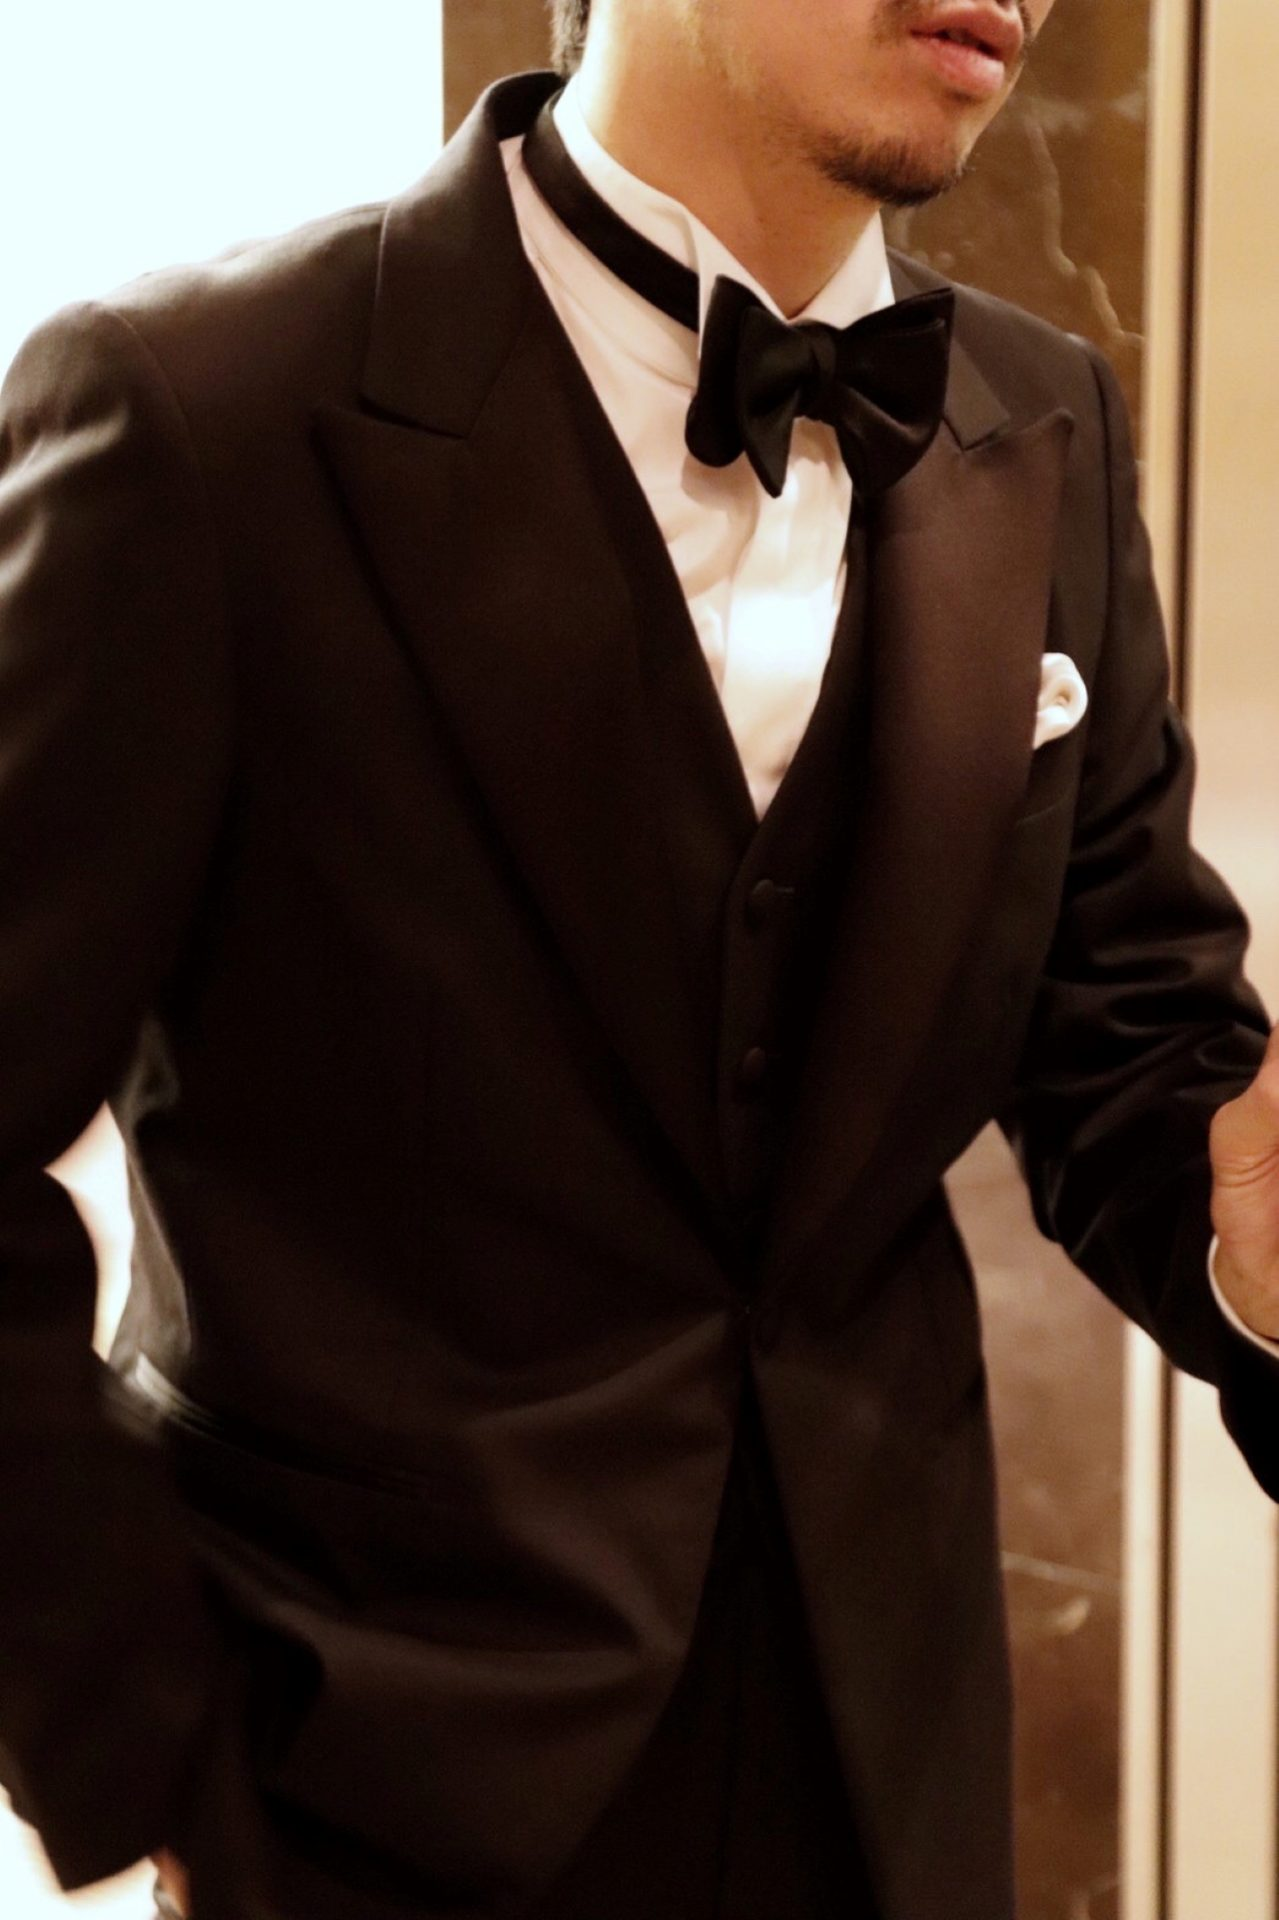 オーダータキシードを取り扱う、神戸のTHE TREAT DRESSING(ザ・トリートドレッシング)KOBE店でお取り扱いするブラックのタキシードは威厳と男性らしさを与えます。